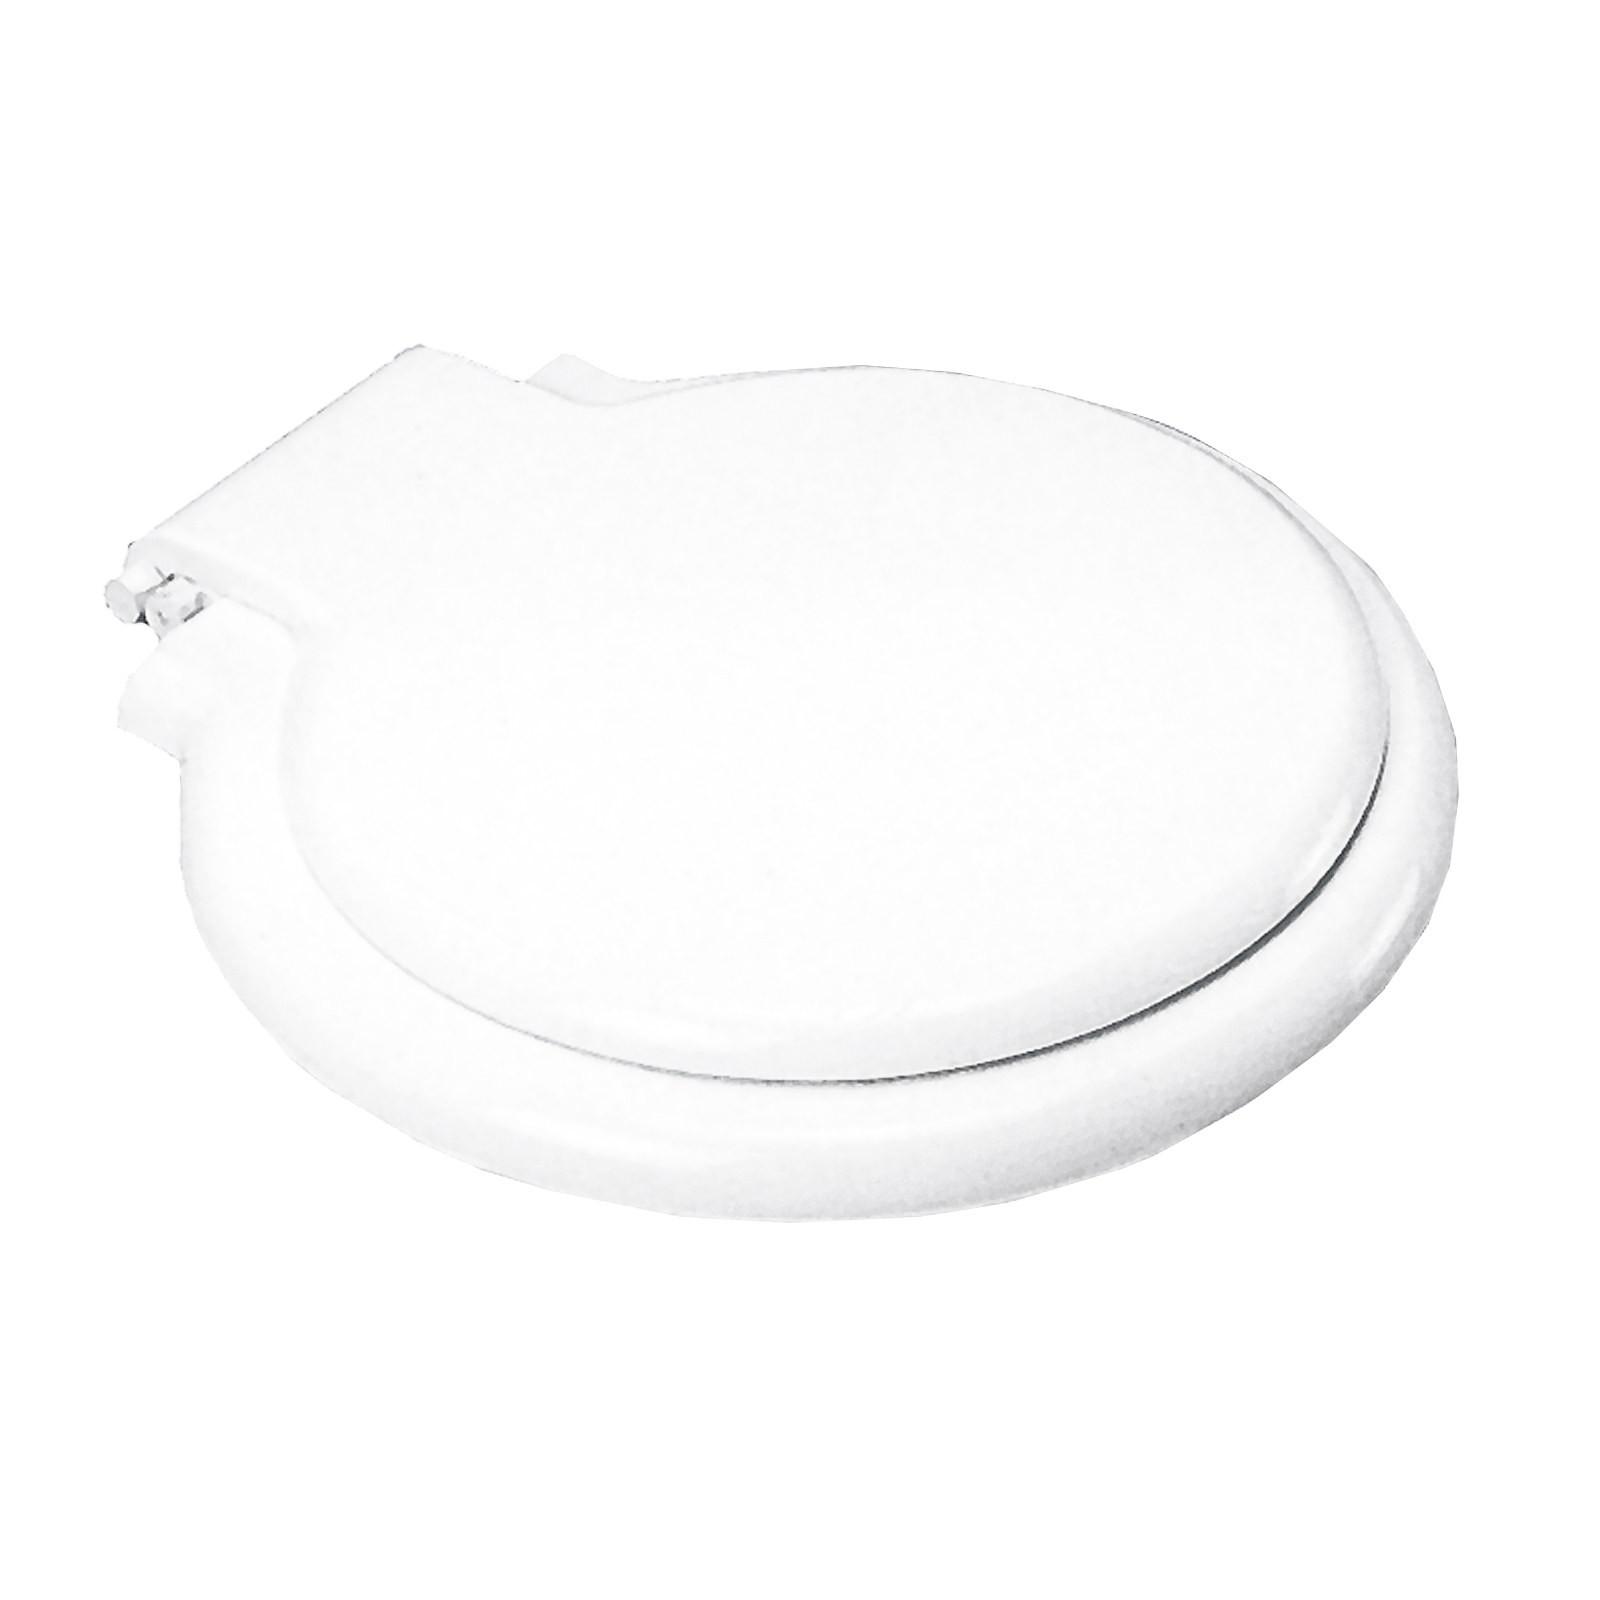 Copri Sedile Tavoletta Water Wc Toilette Bagno Plastica Nautico ...